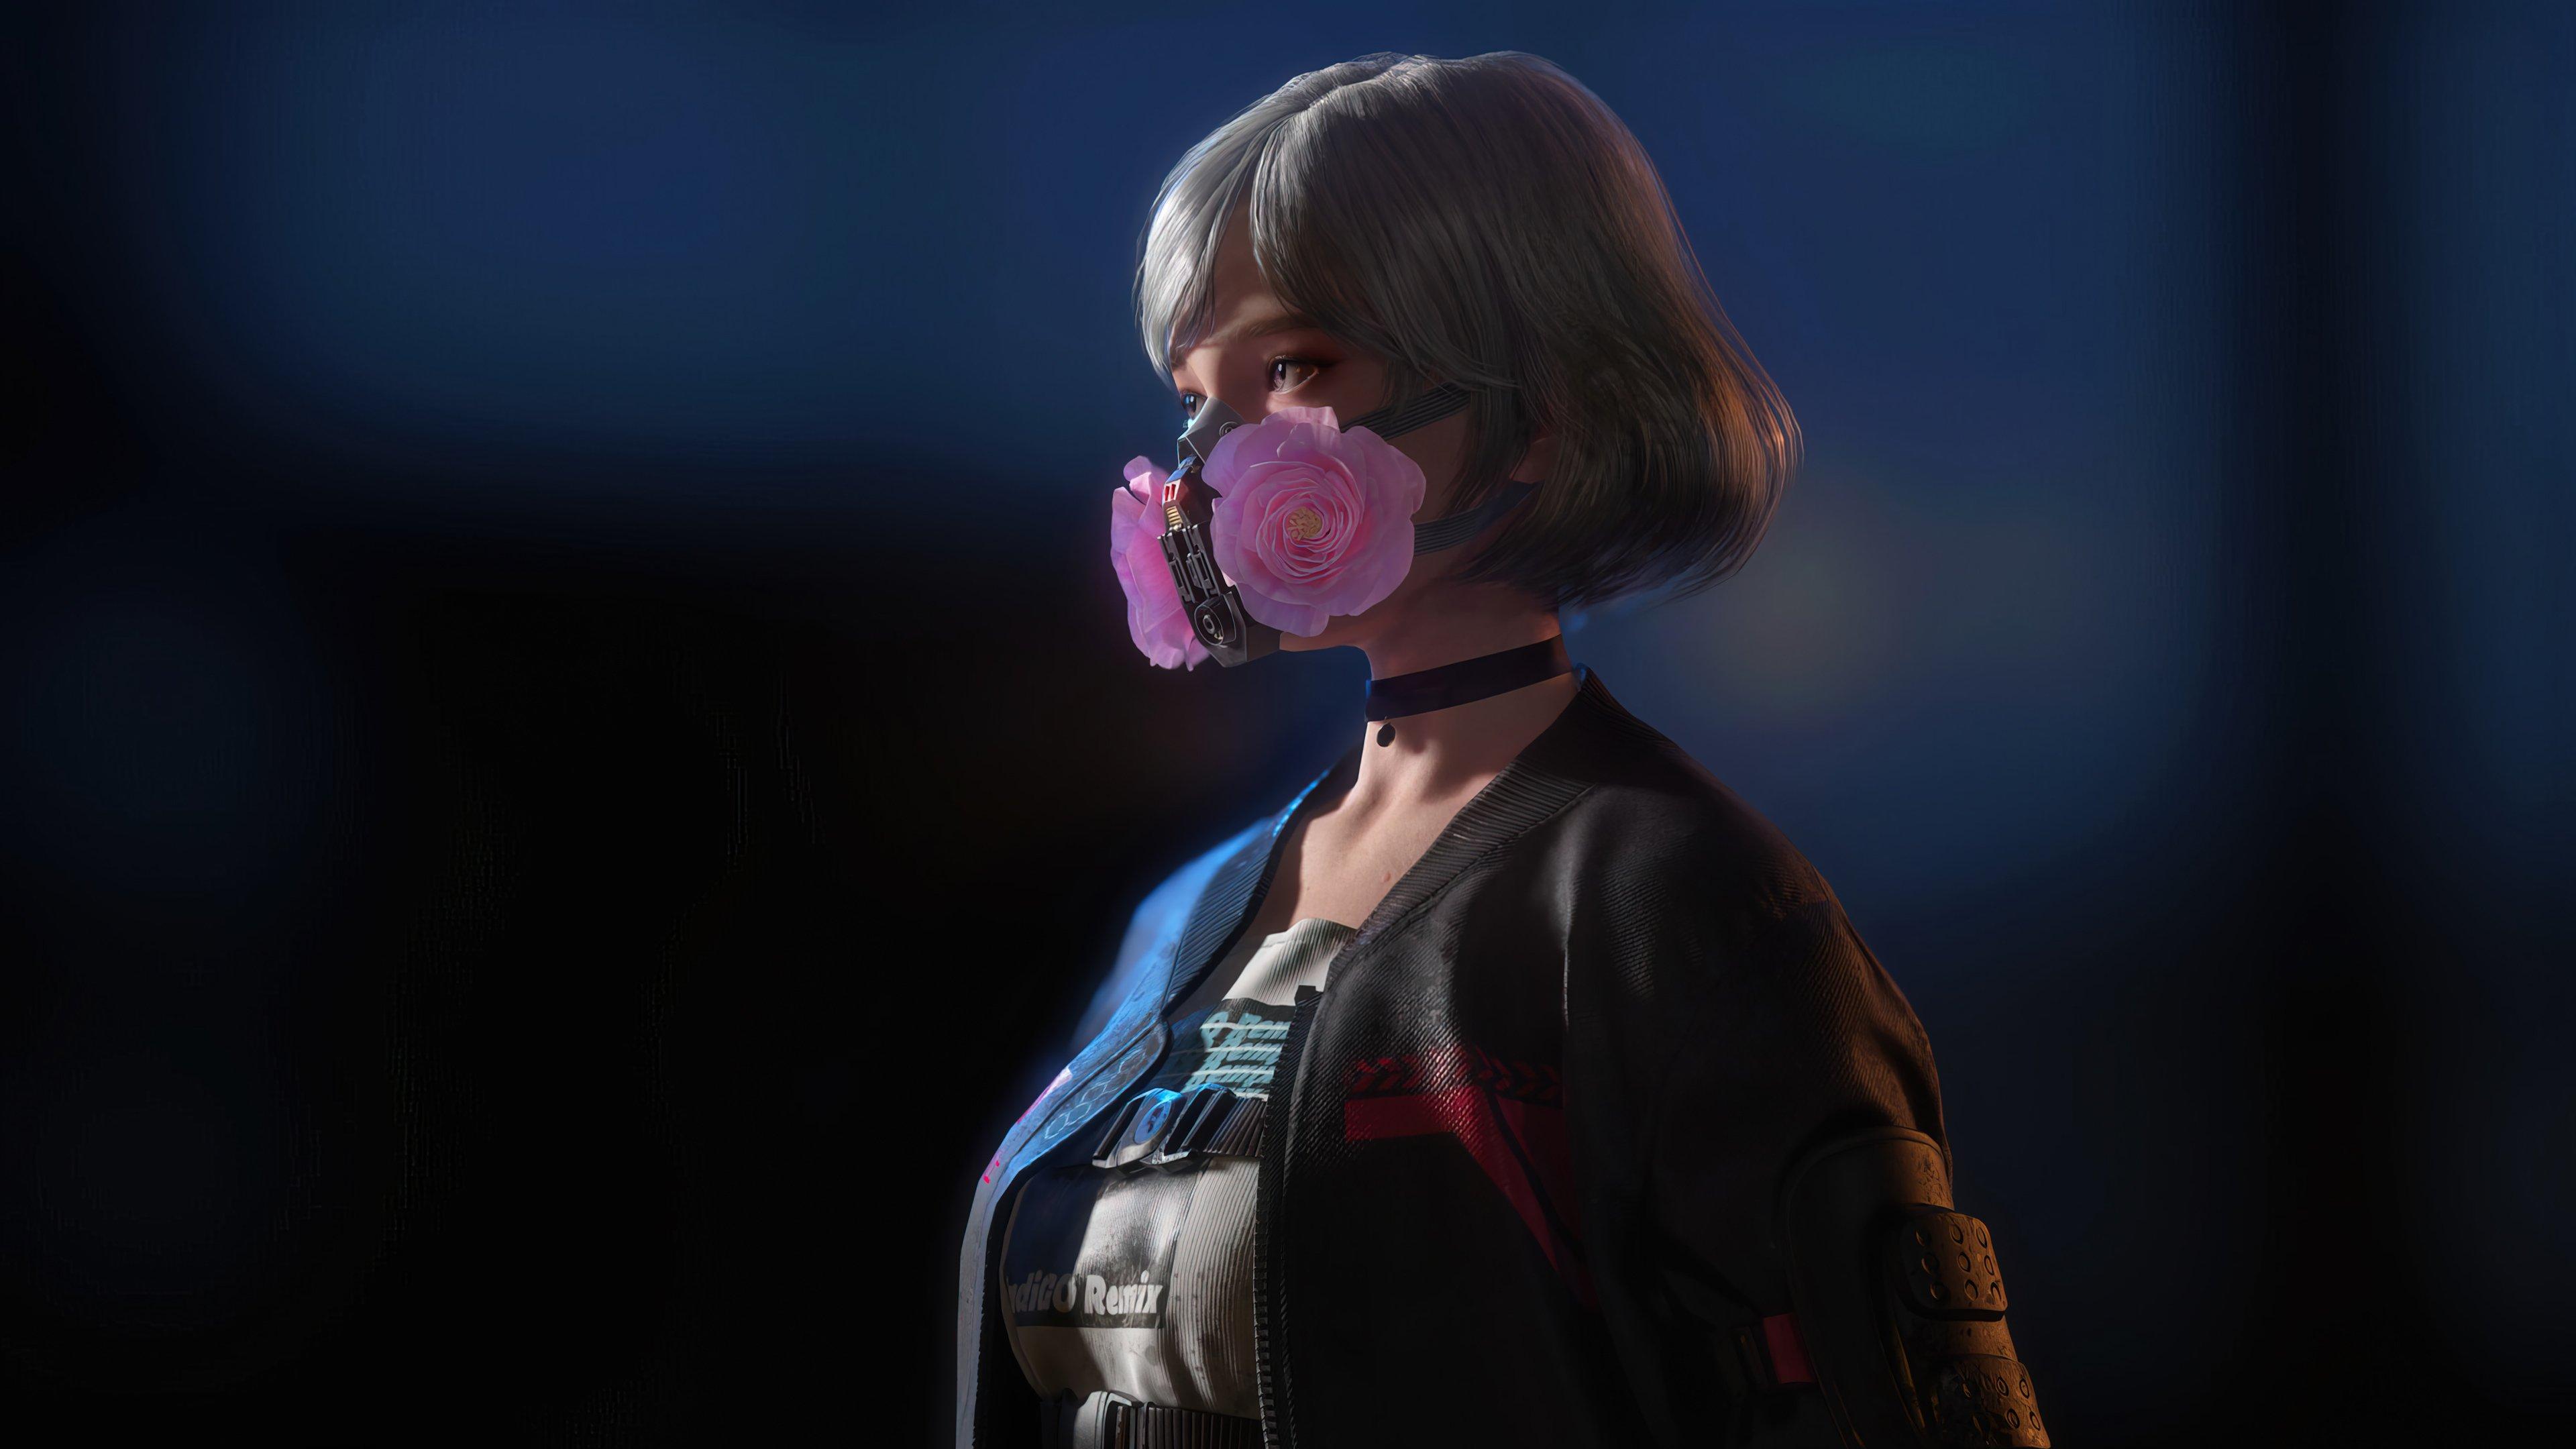 Fondos de pantalla Chica con mascarilla de gas Cyberpunk